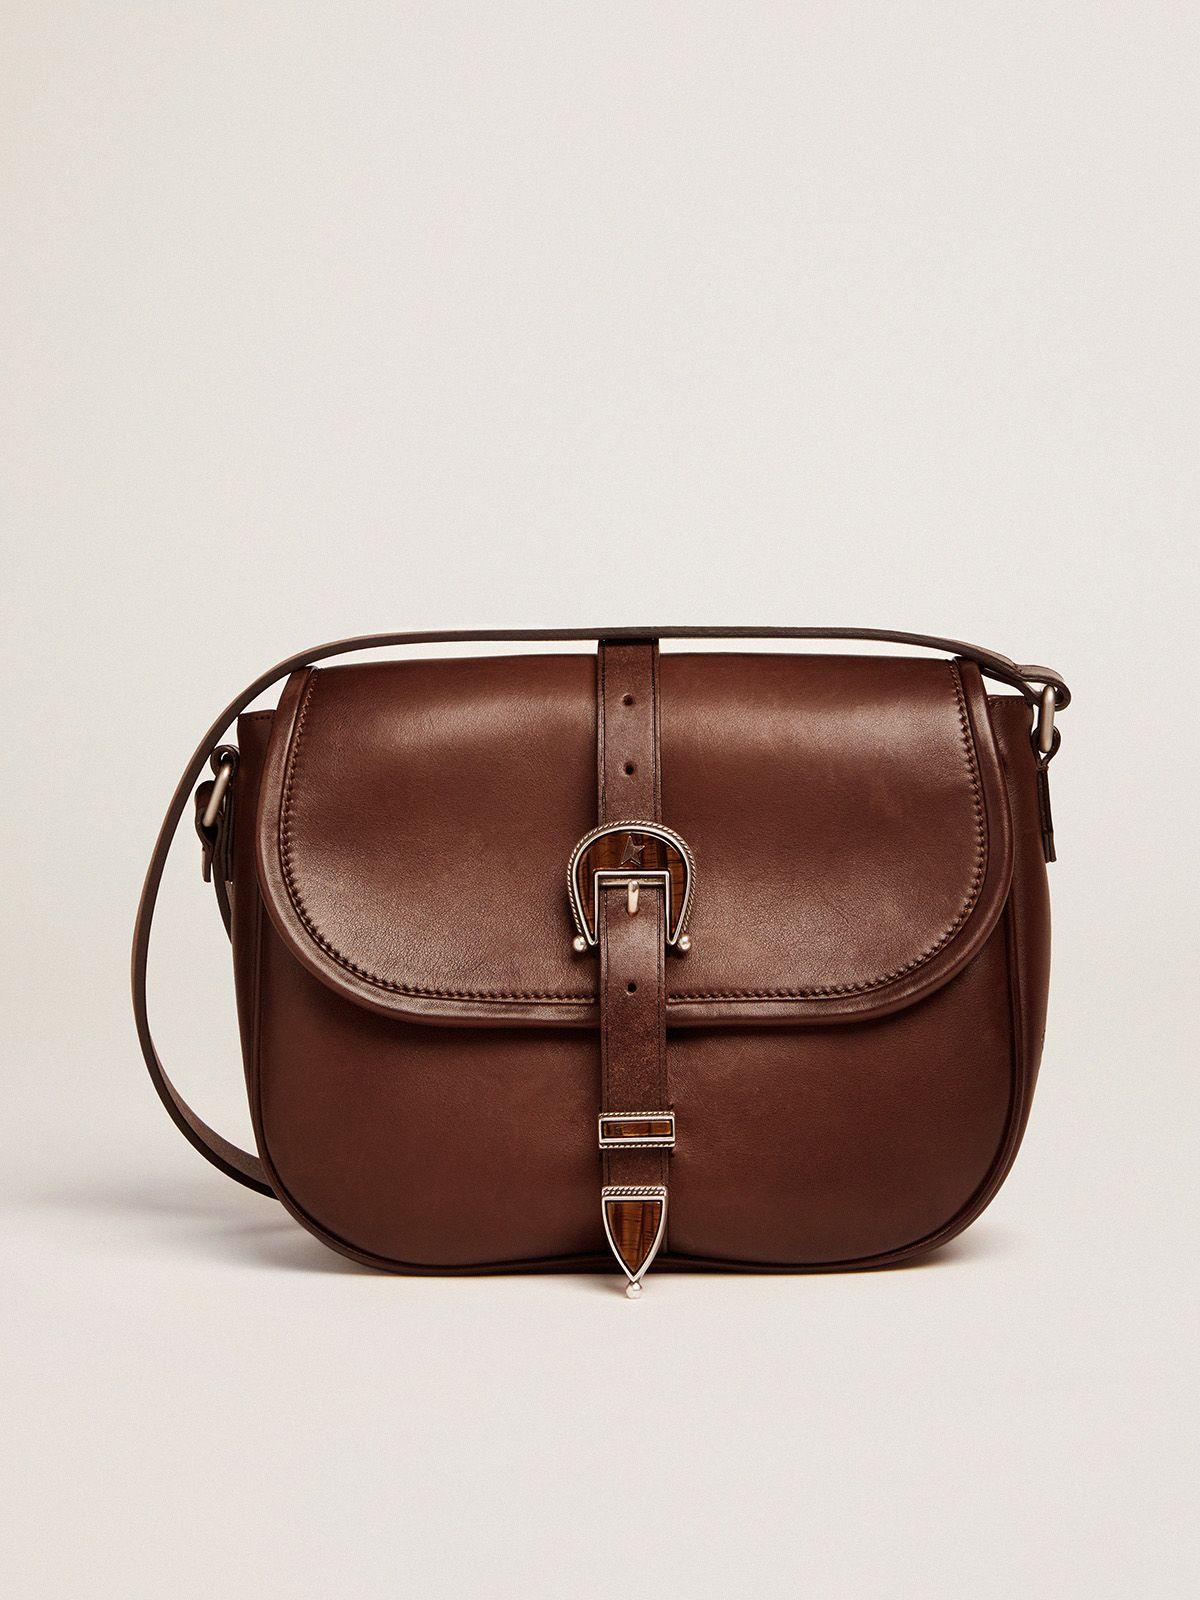 Golden Goose - Borsa Rodeo Bag medium in pelle cuoio scuro in